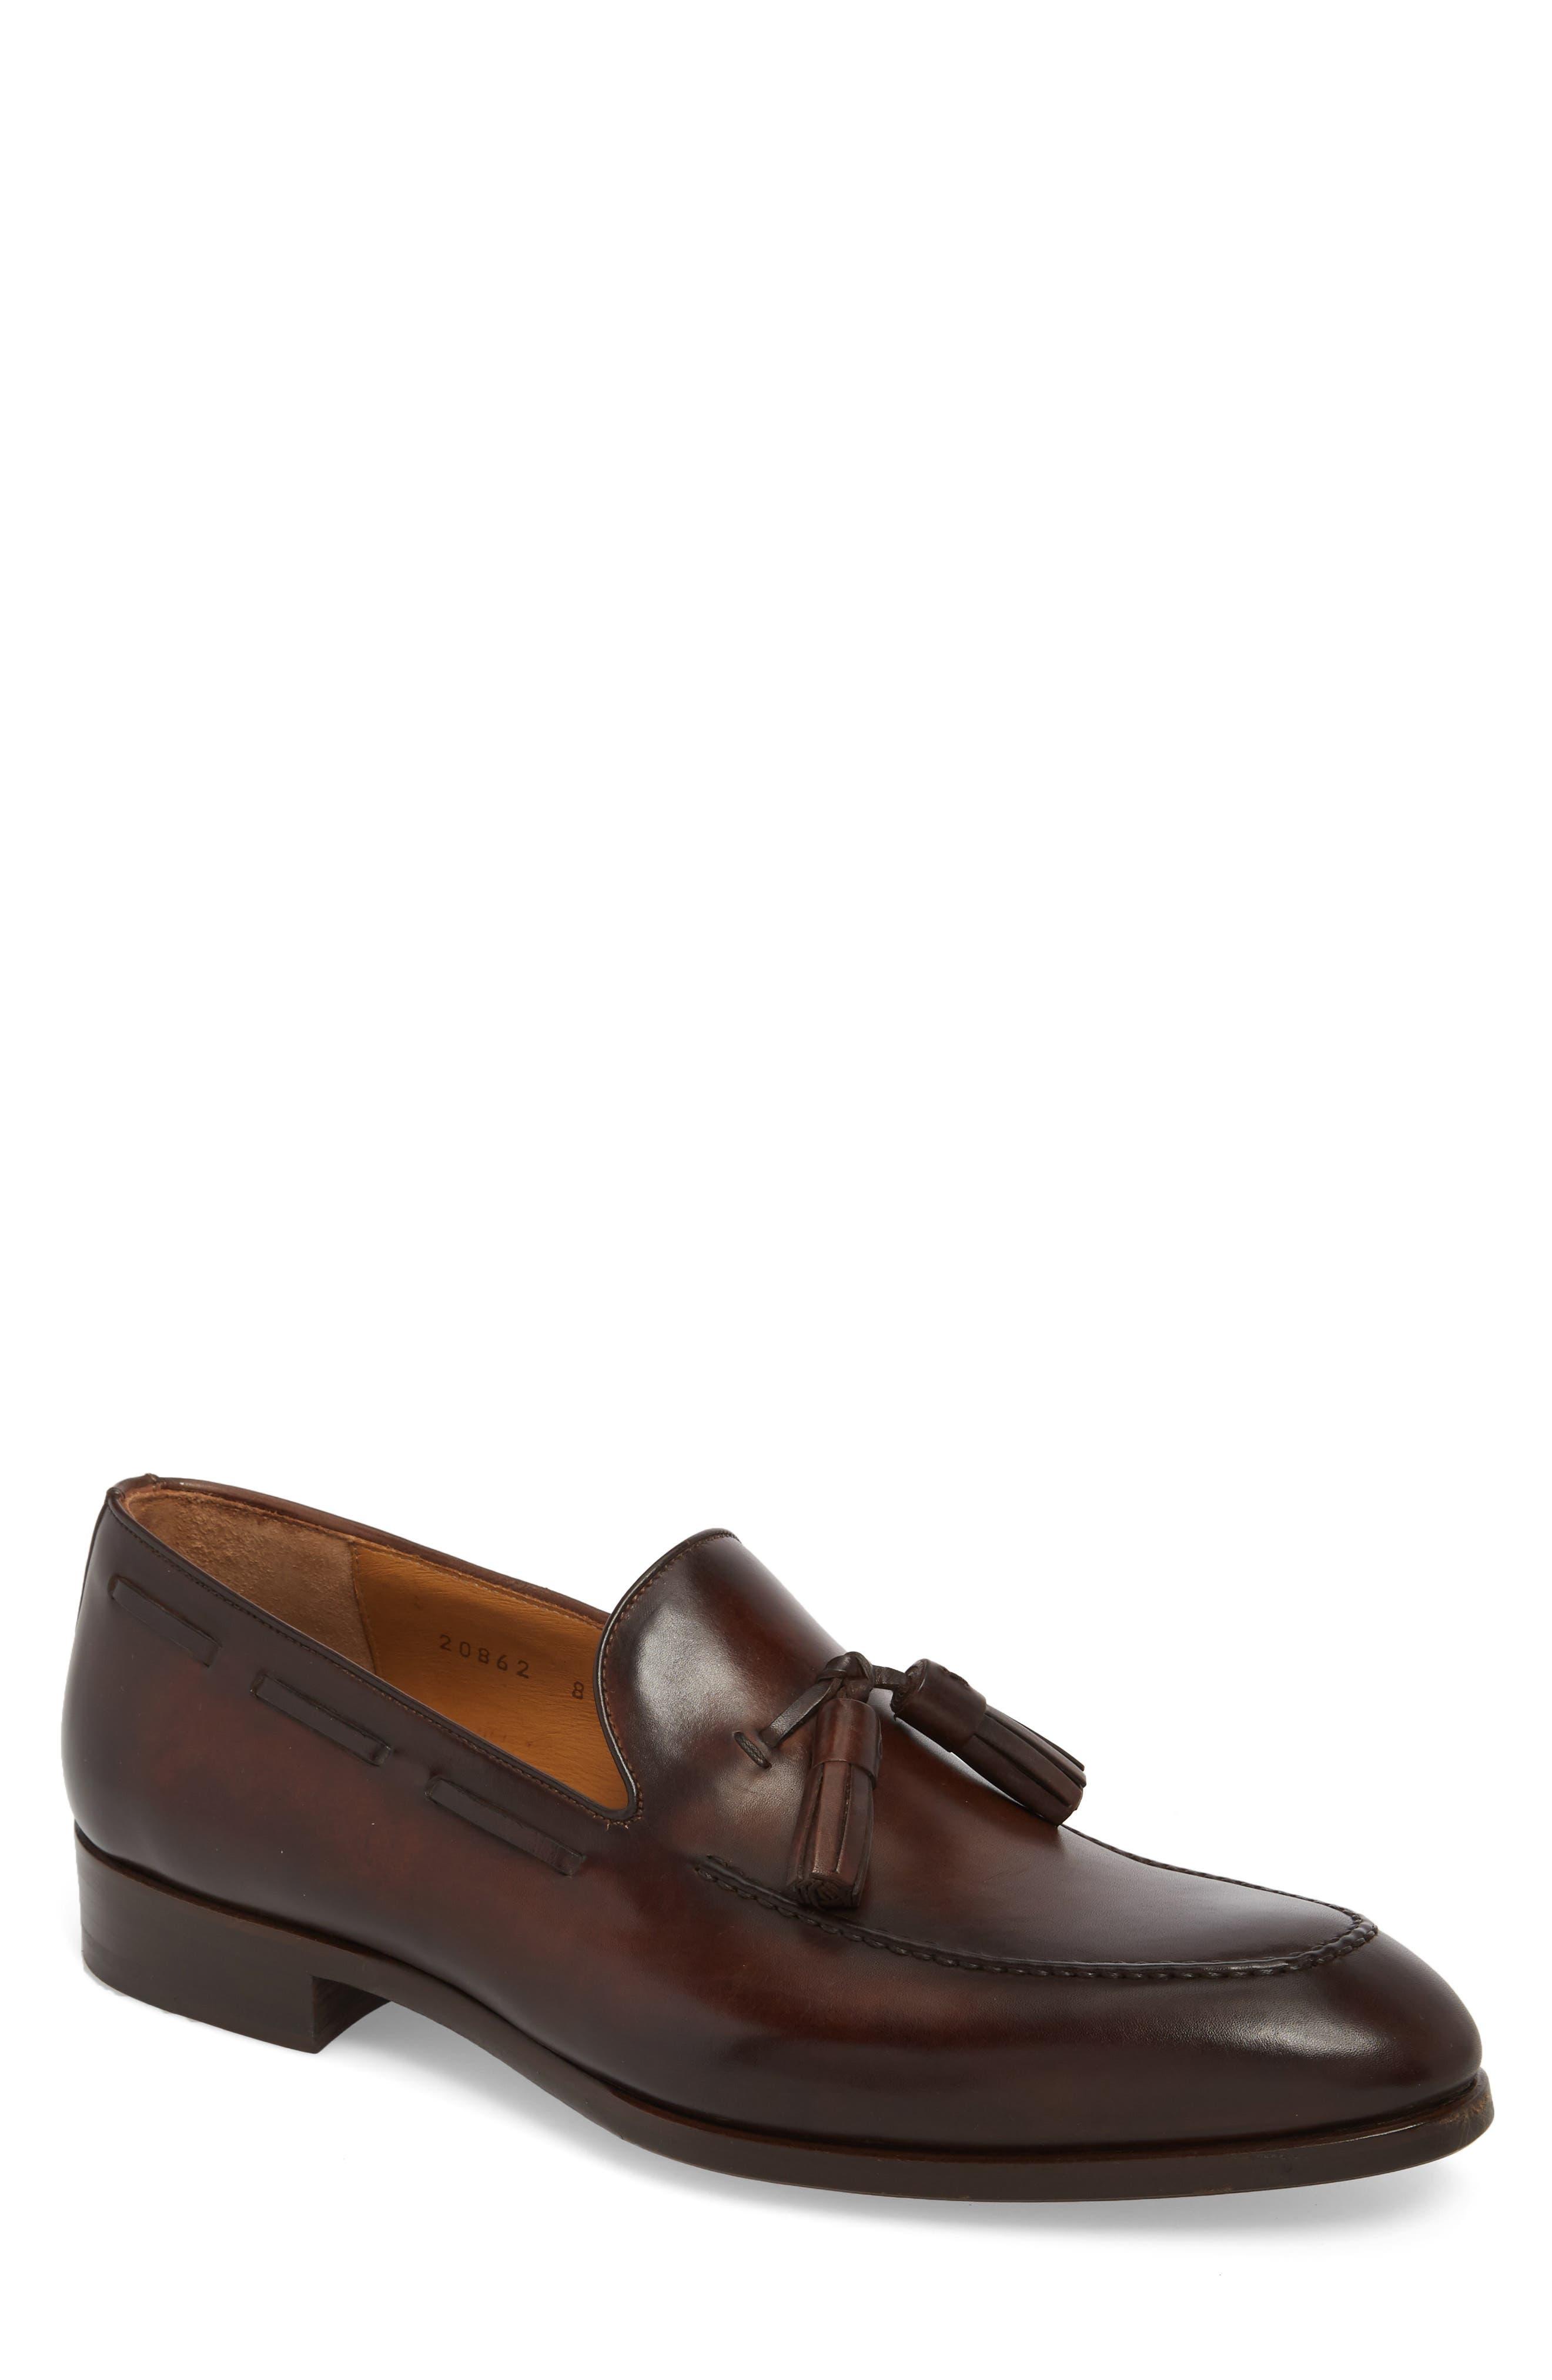 Remy Tasseled Loafer,                         Main,                         color,